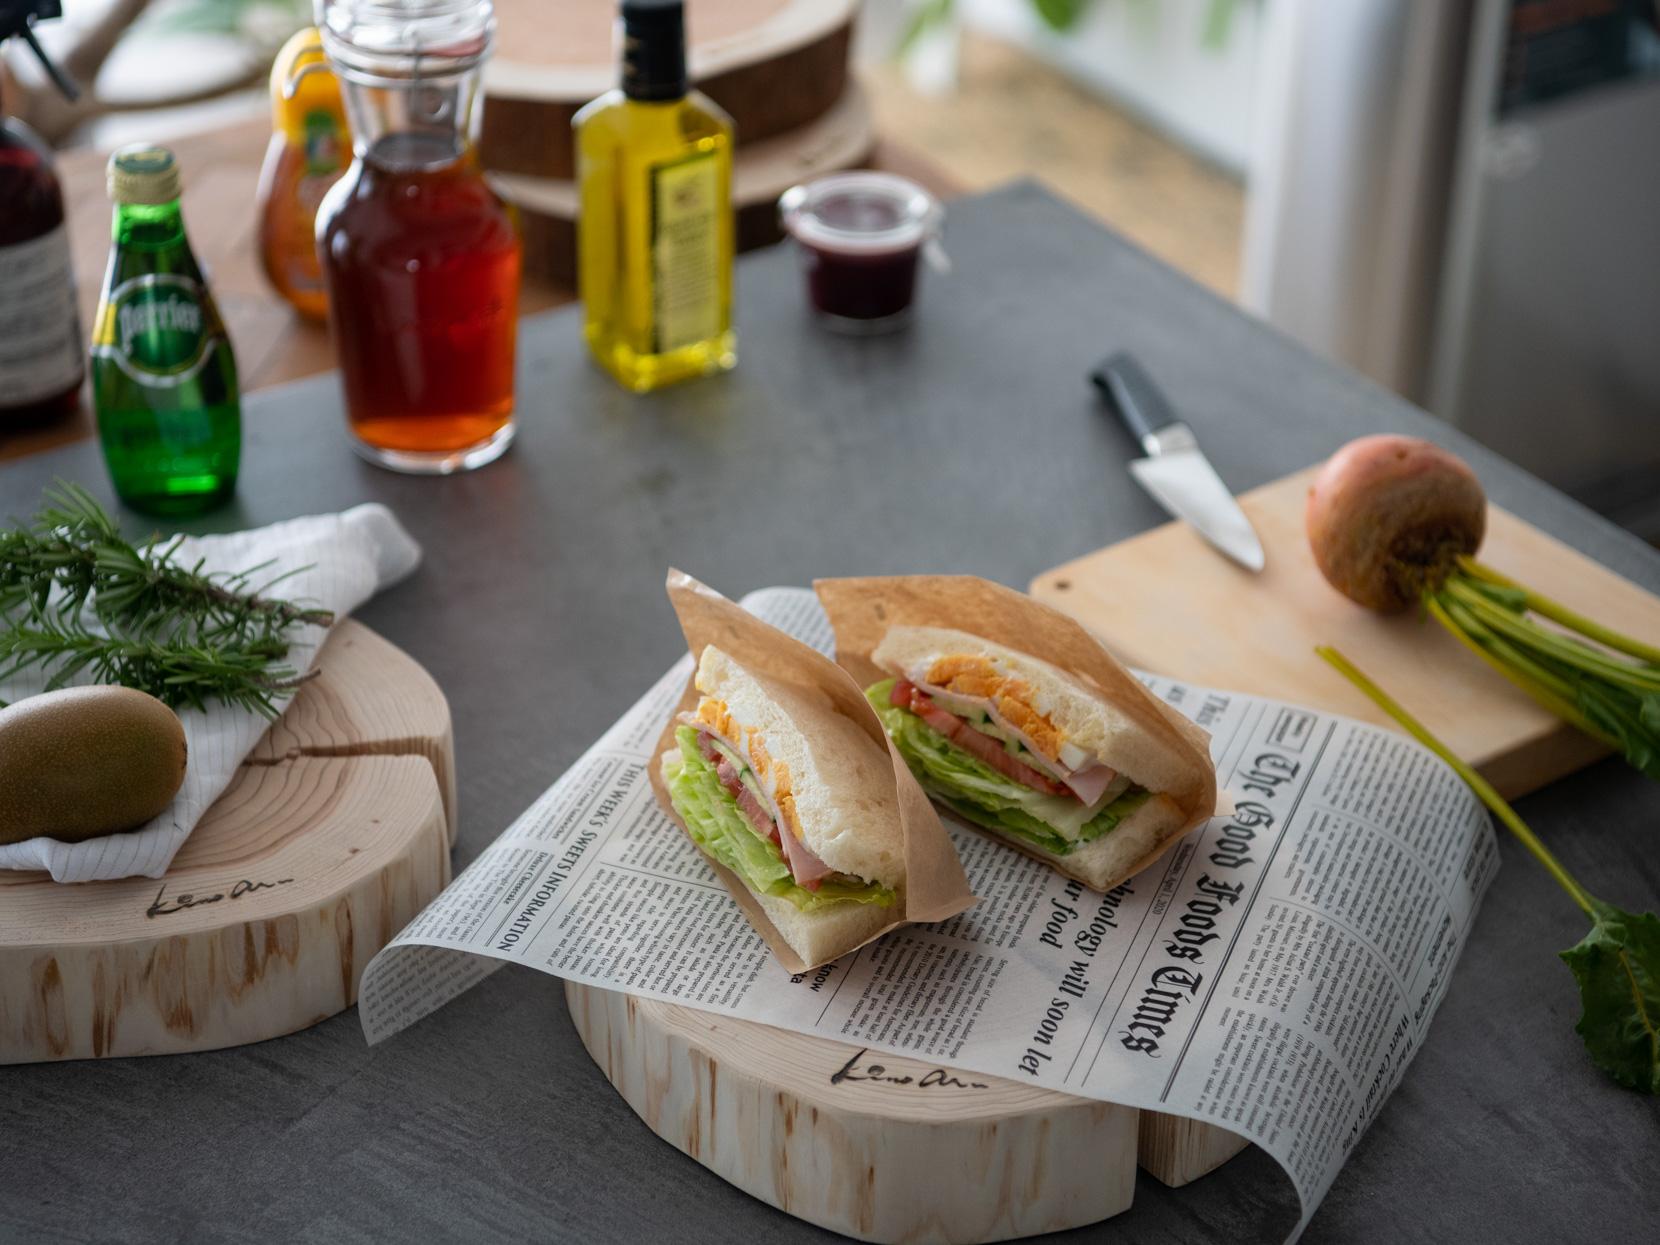 サンドイッチの盛り付け方